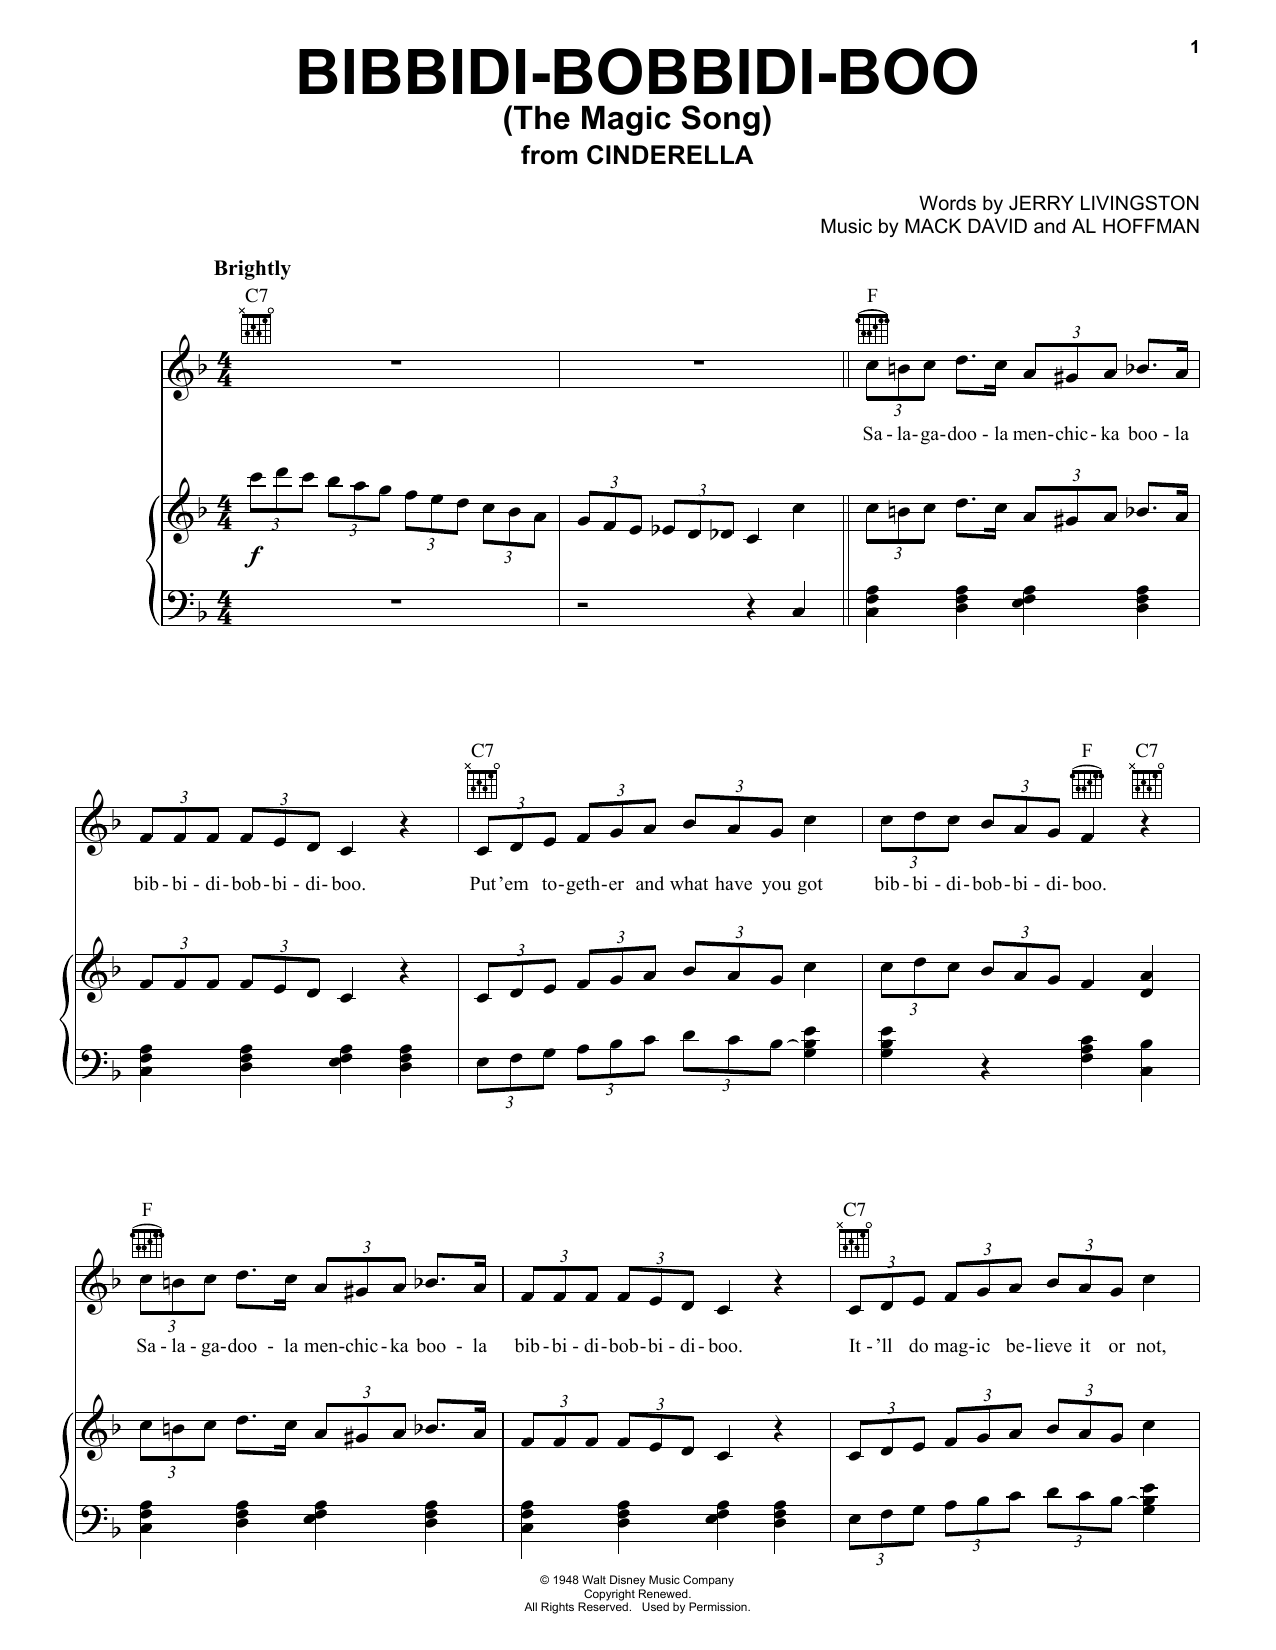 Louis Armstrong Bibbidi-Bobbidi-Boo (The Magic Song) sheet music notes and chords. Download Printable PDF.